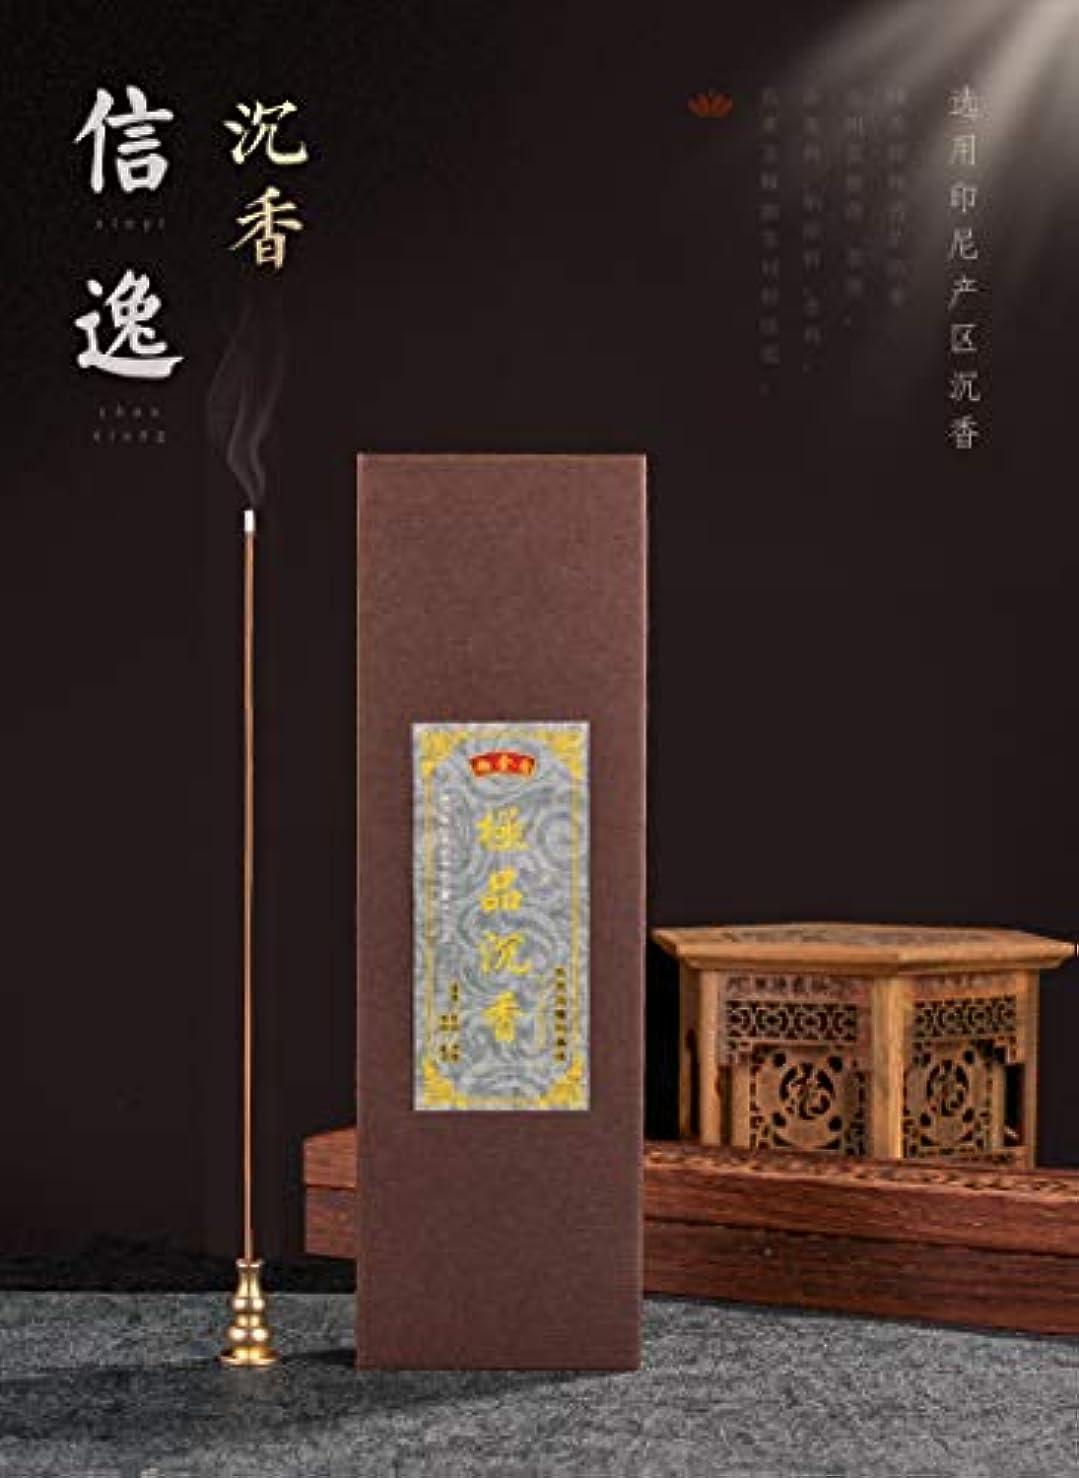 マットレスとらえどころのないオールDiatems - ゴールド香と香の香の梱包箱21センチメートル瞑想屋内ホーム